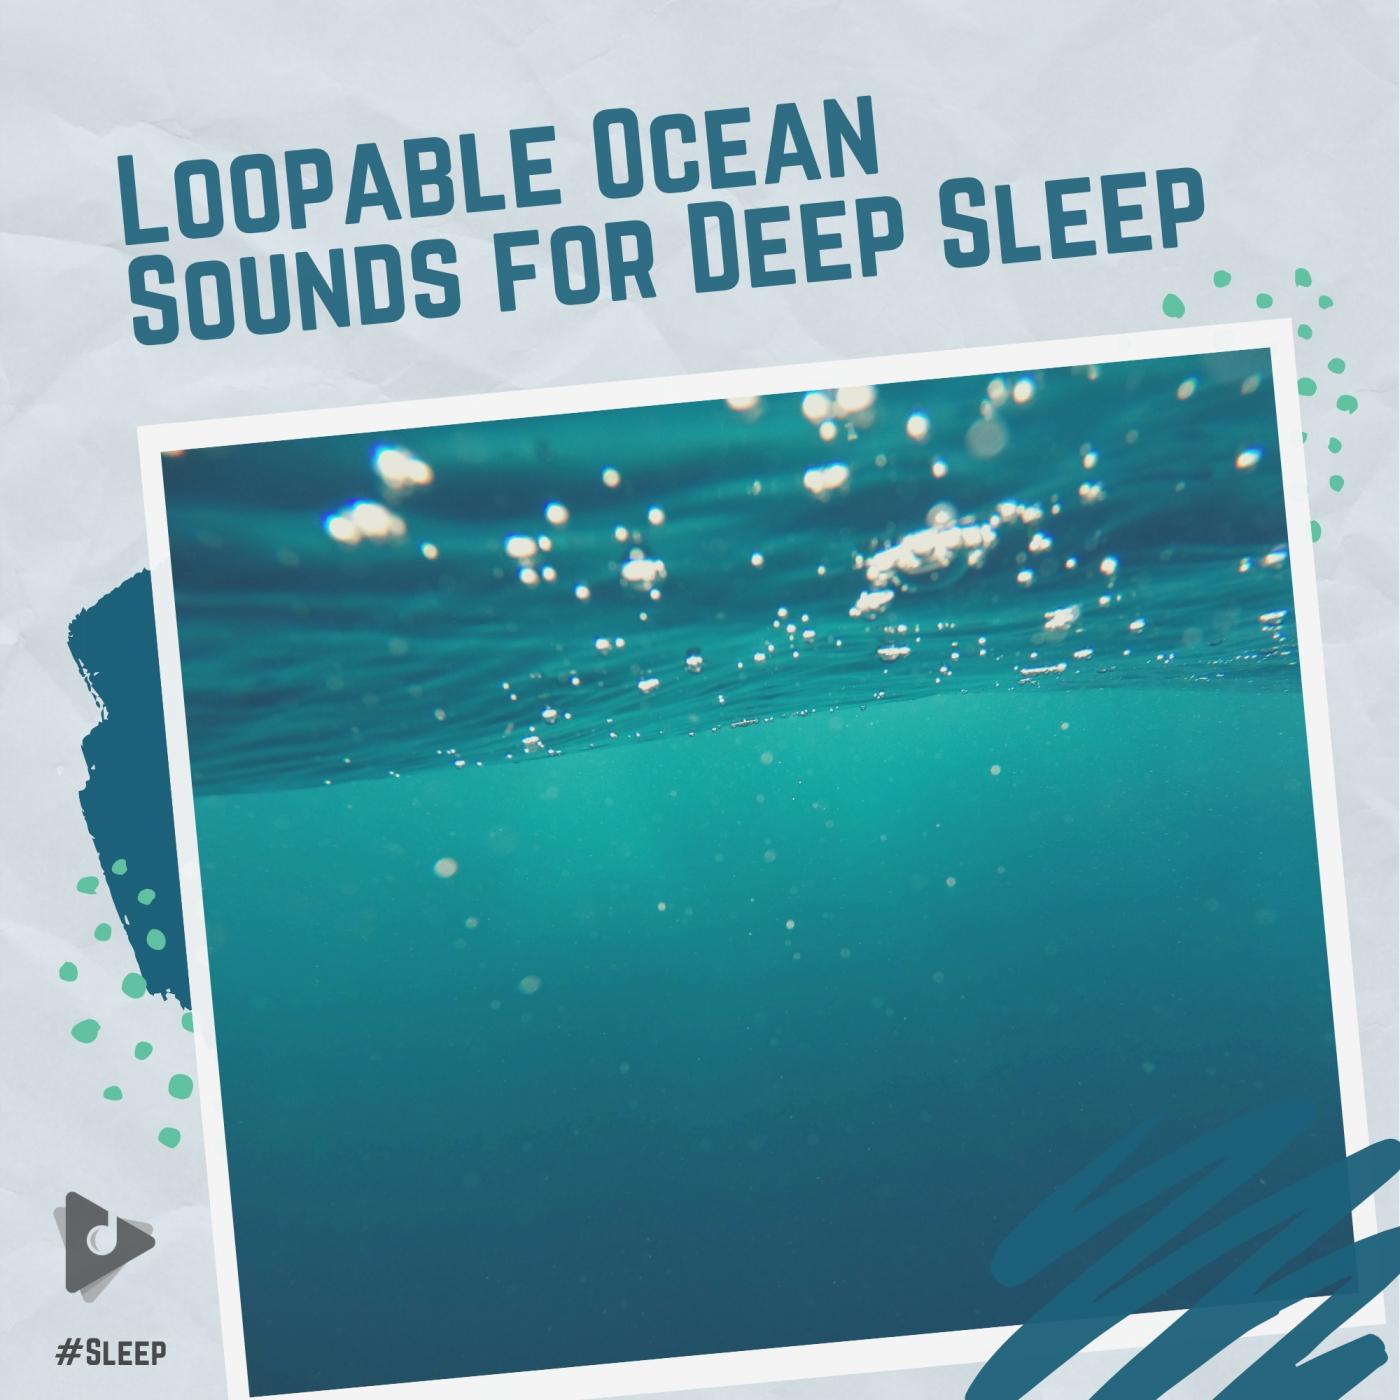 Loopable Ocean Sounds for Deep Sleep